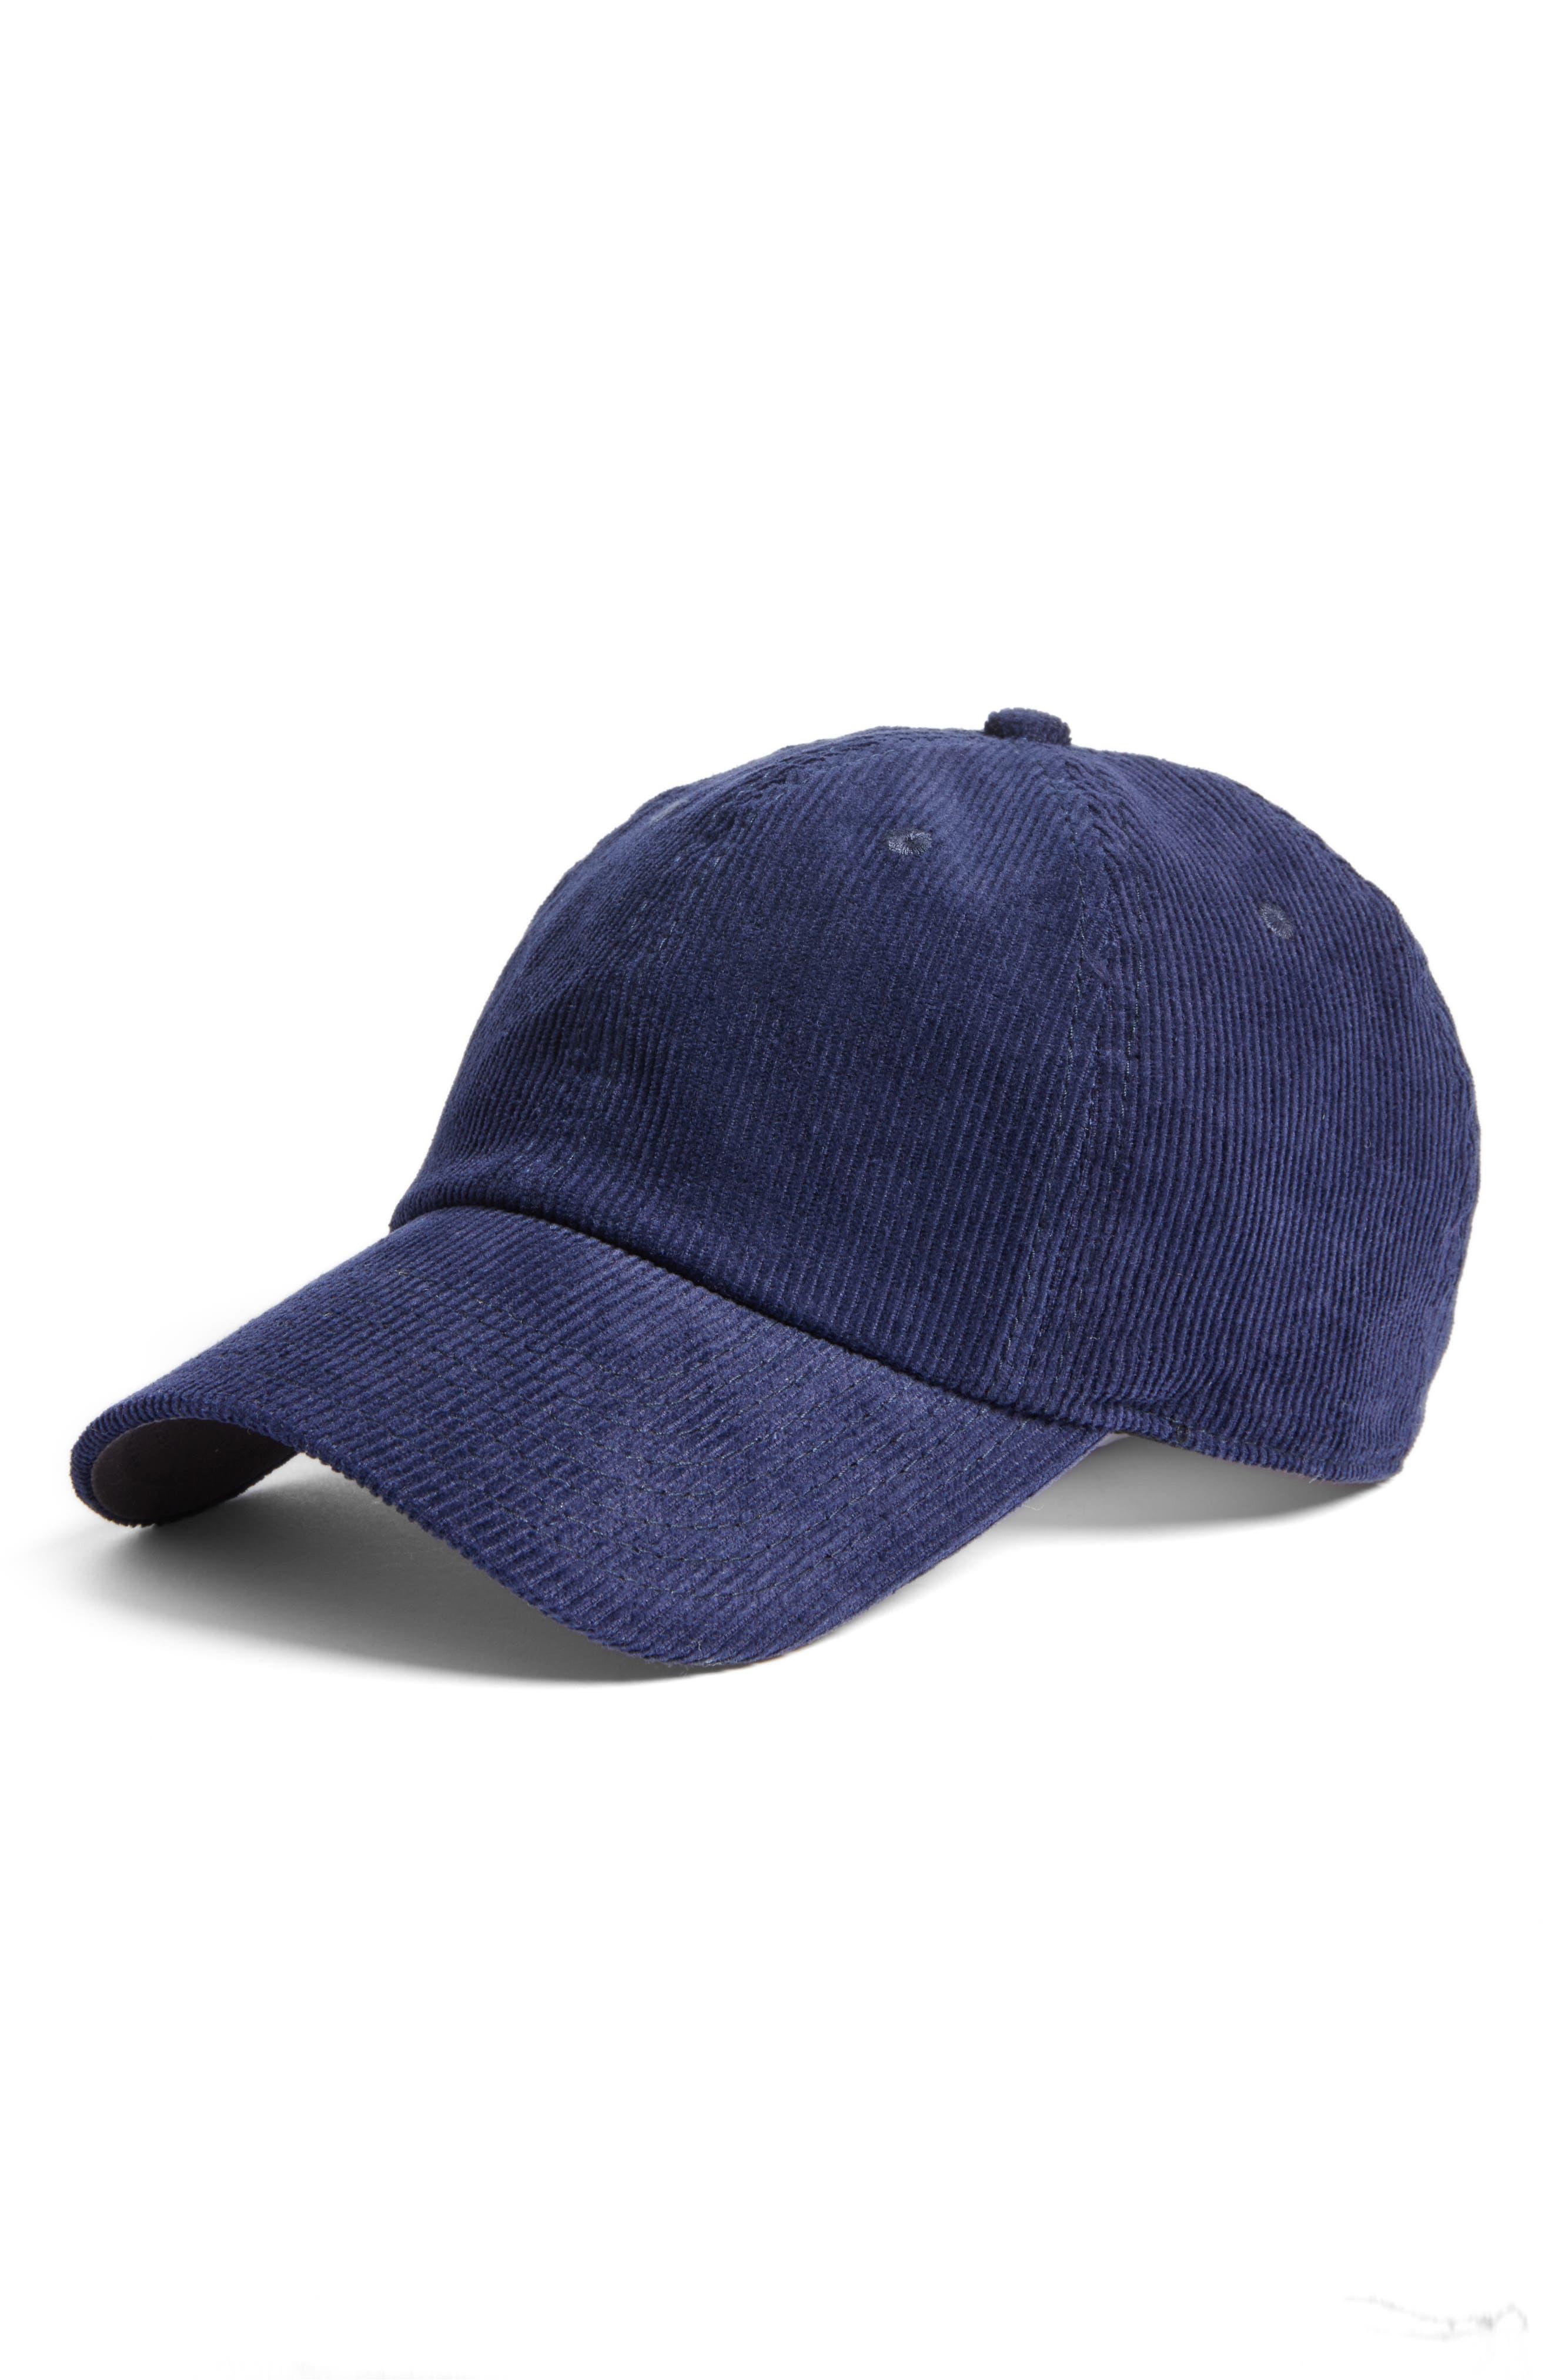 American Needle Corduroy Baseball Cap